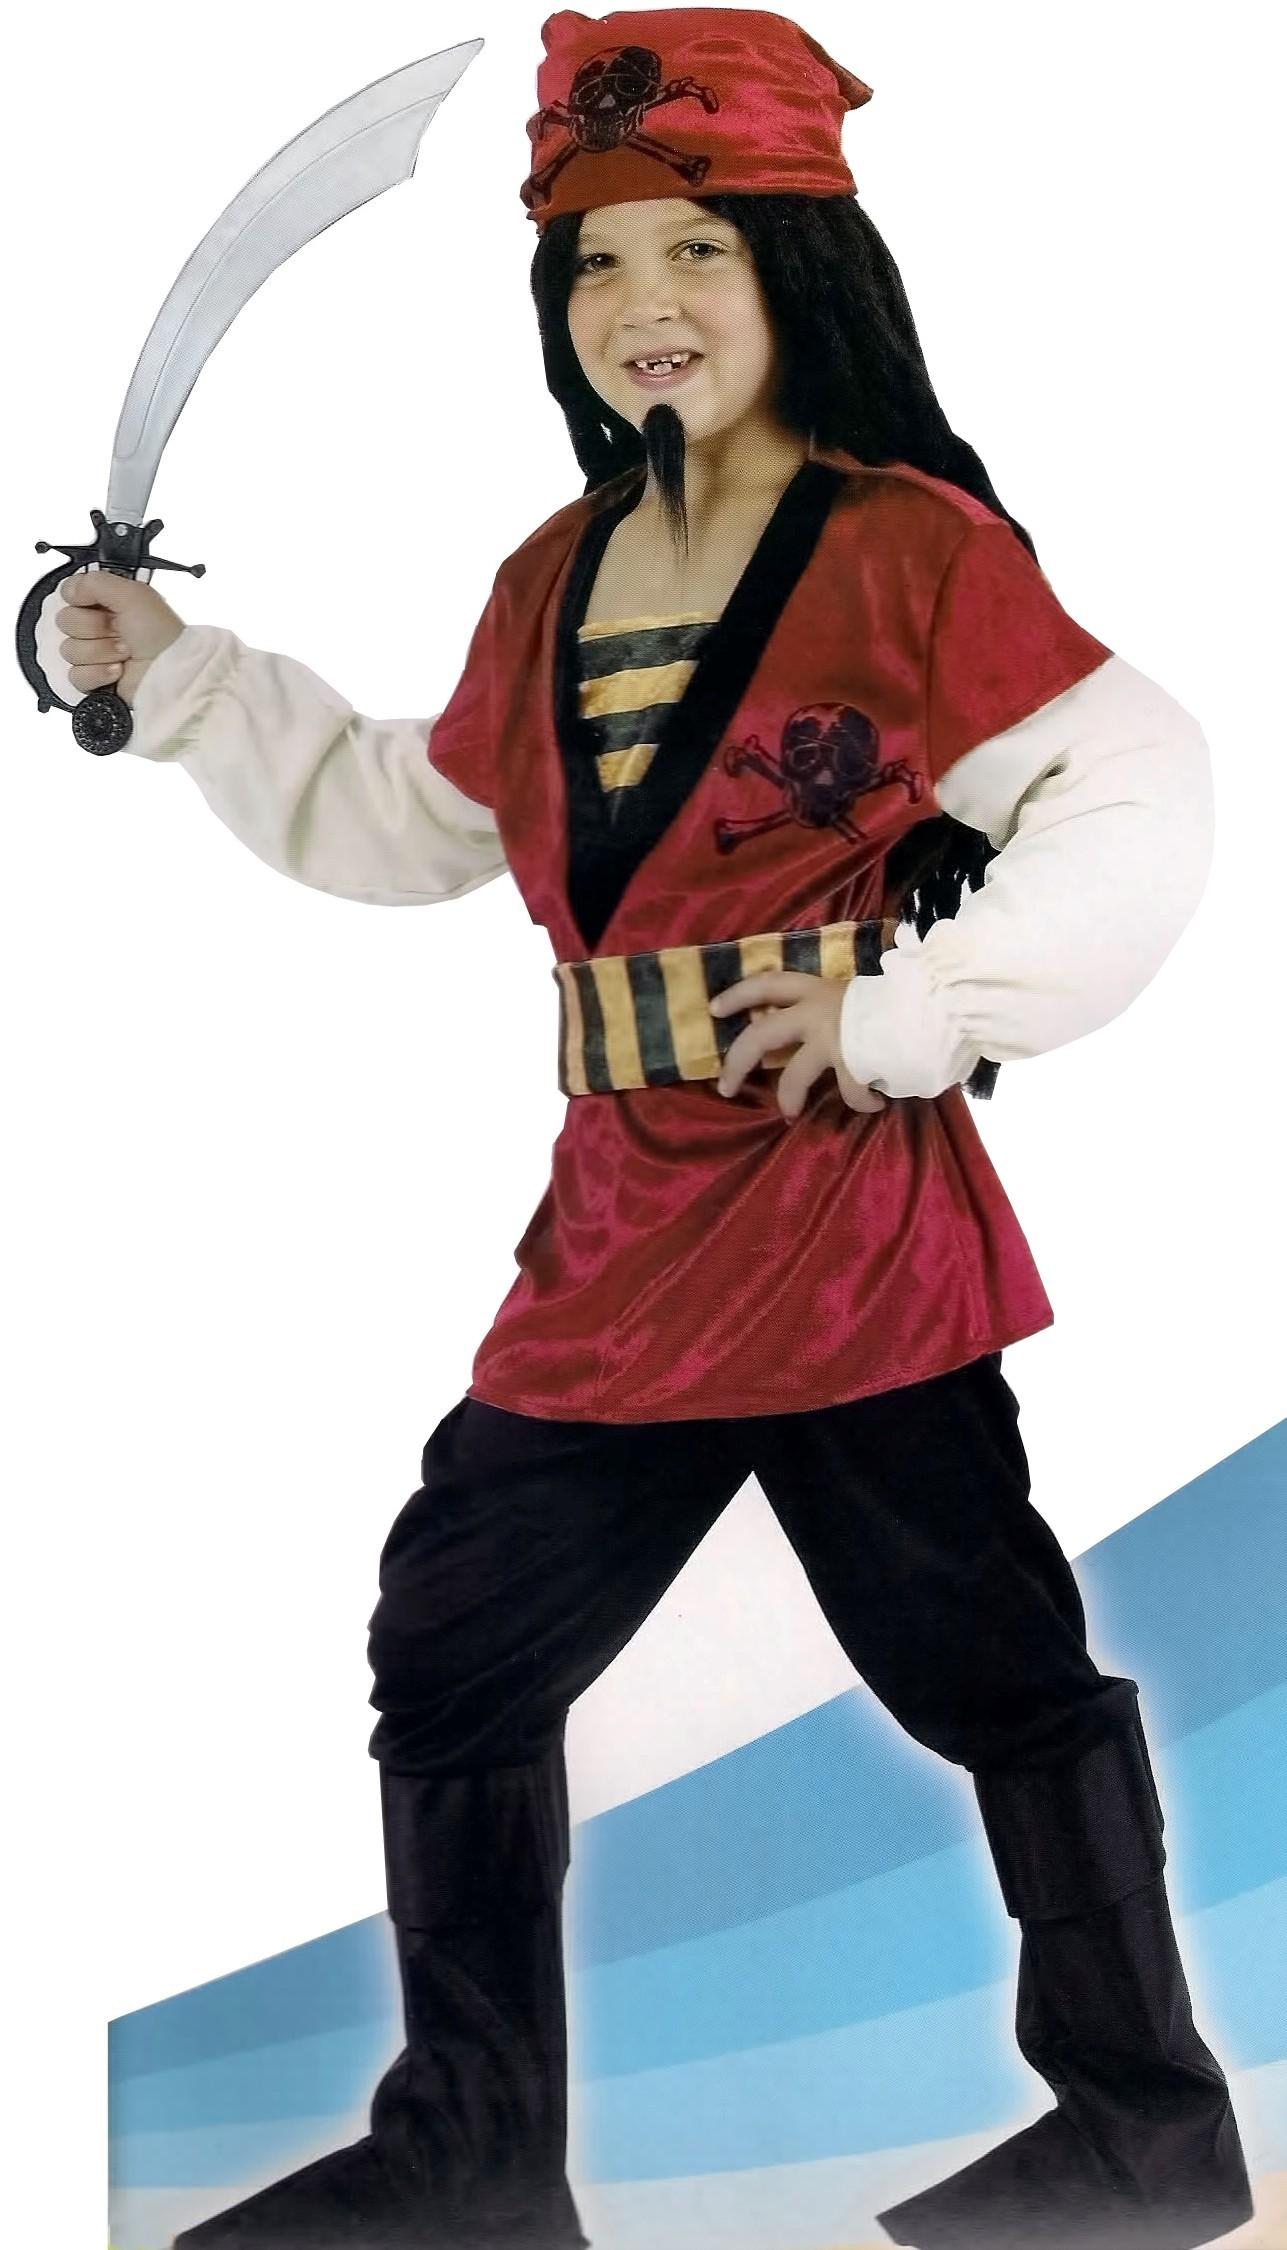 Костюм Пирата, Детский карнавальный костюм Пират ... - photo#20